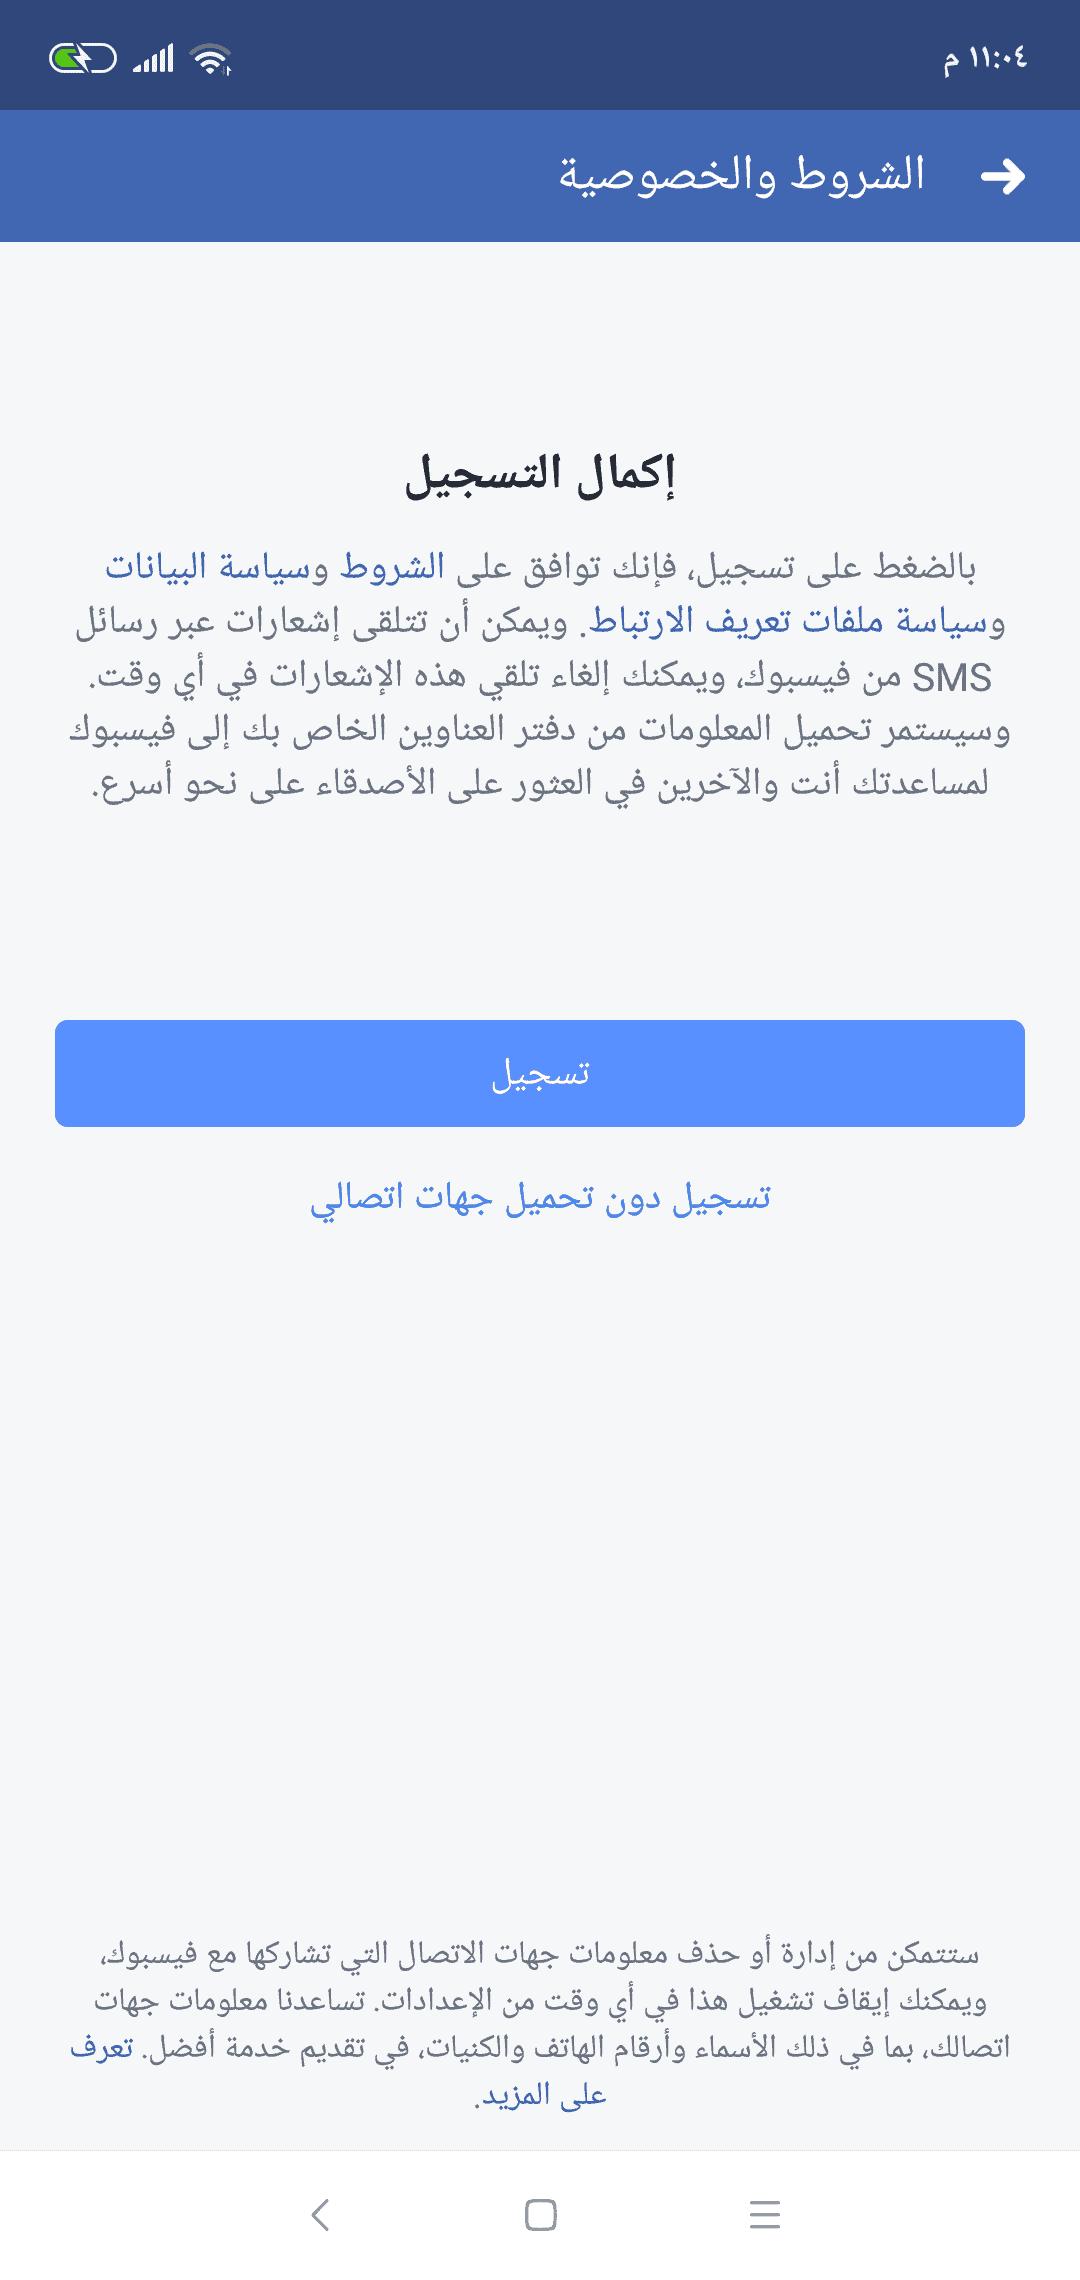 اكمال تسجيلك علي فيسبوك